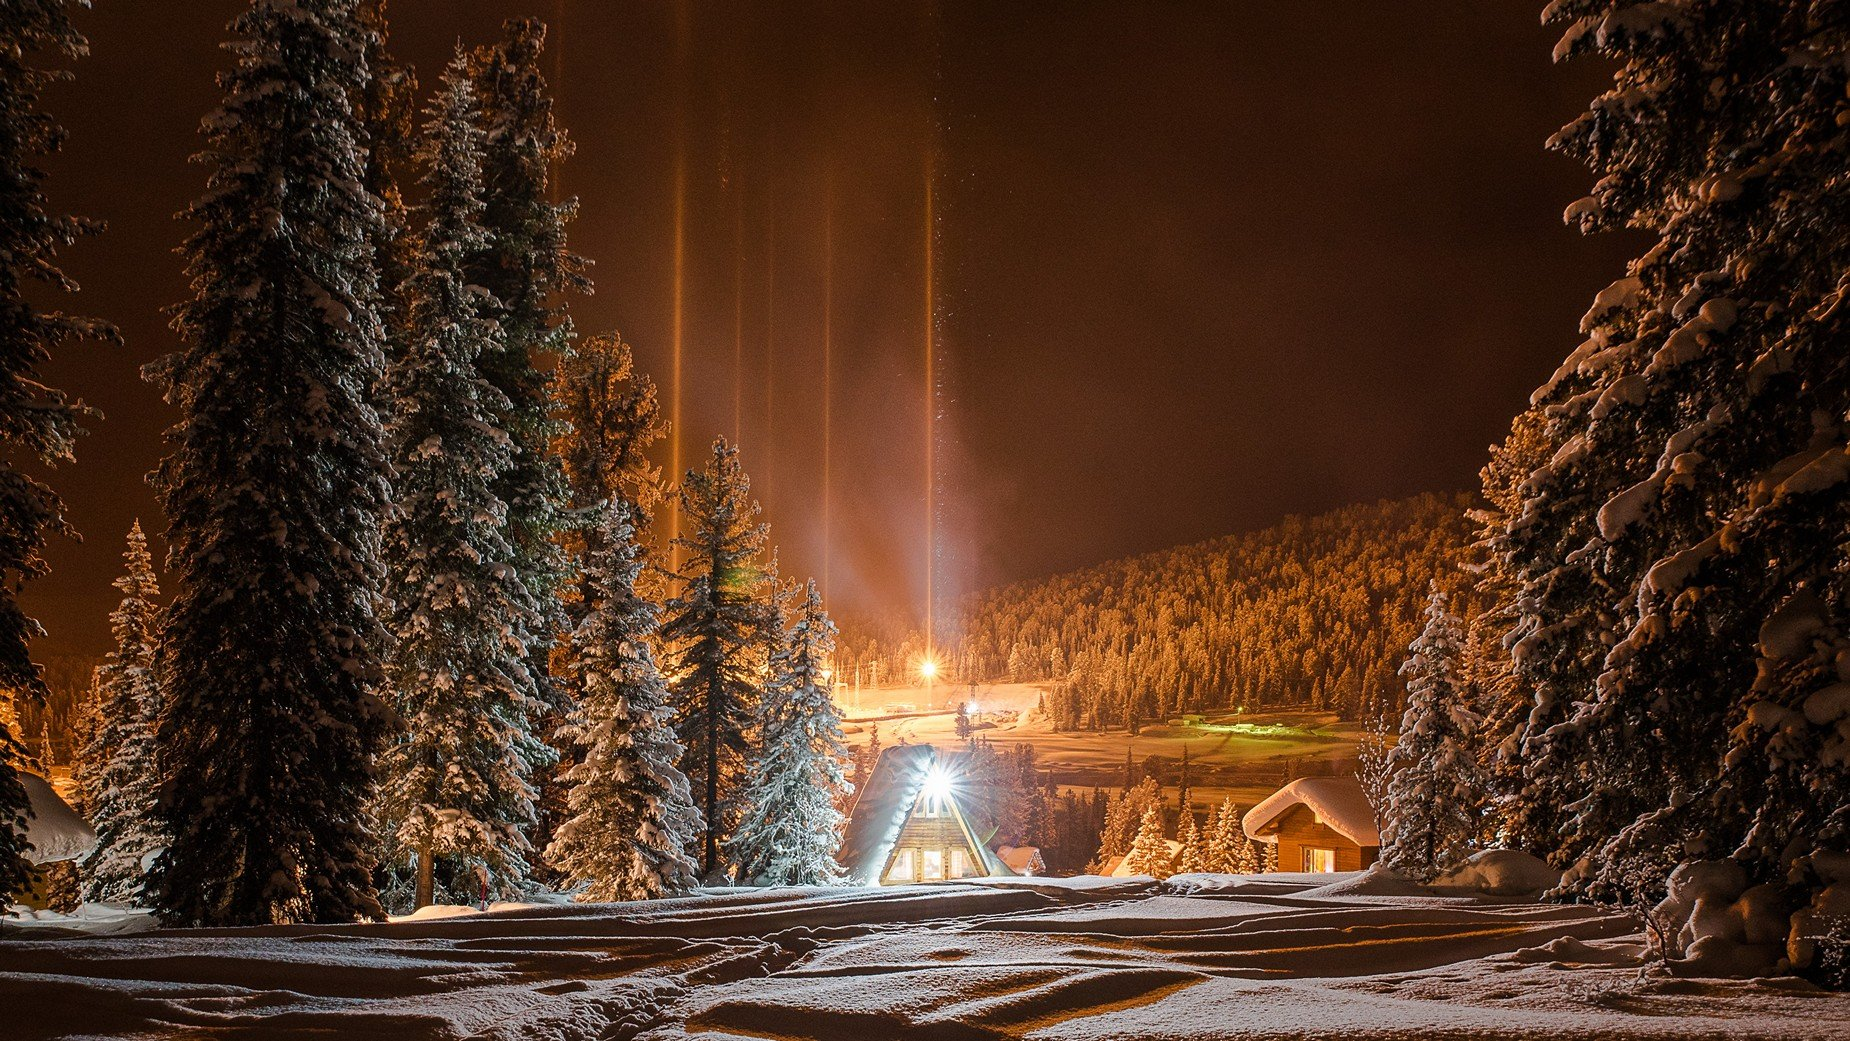 ергаки ночь огни снег зима кедры, Мальцев Юрий